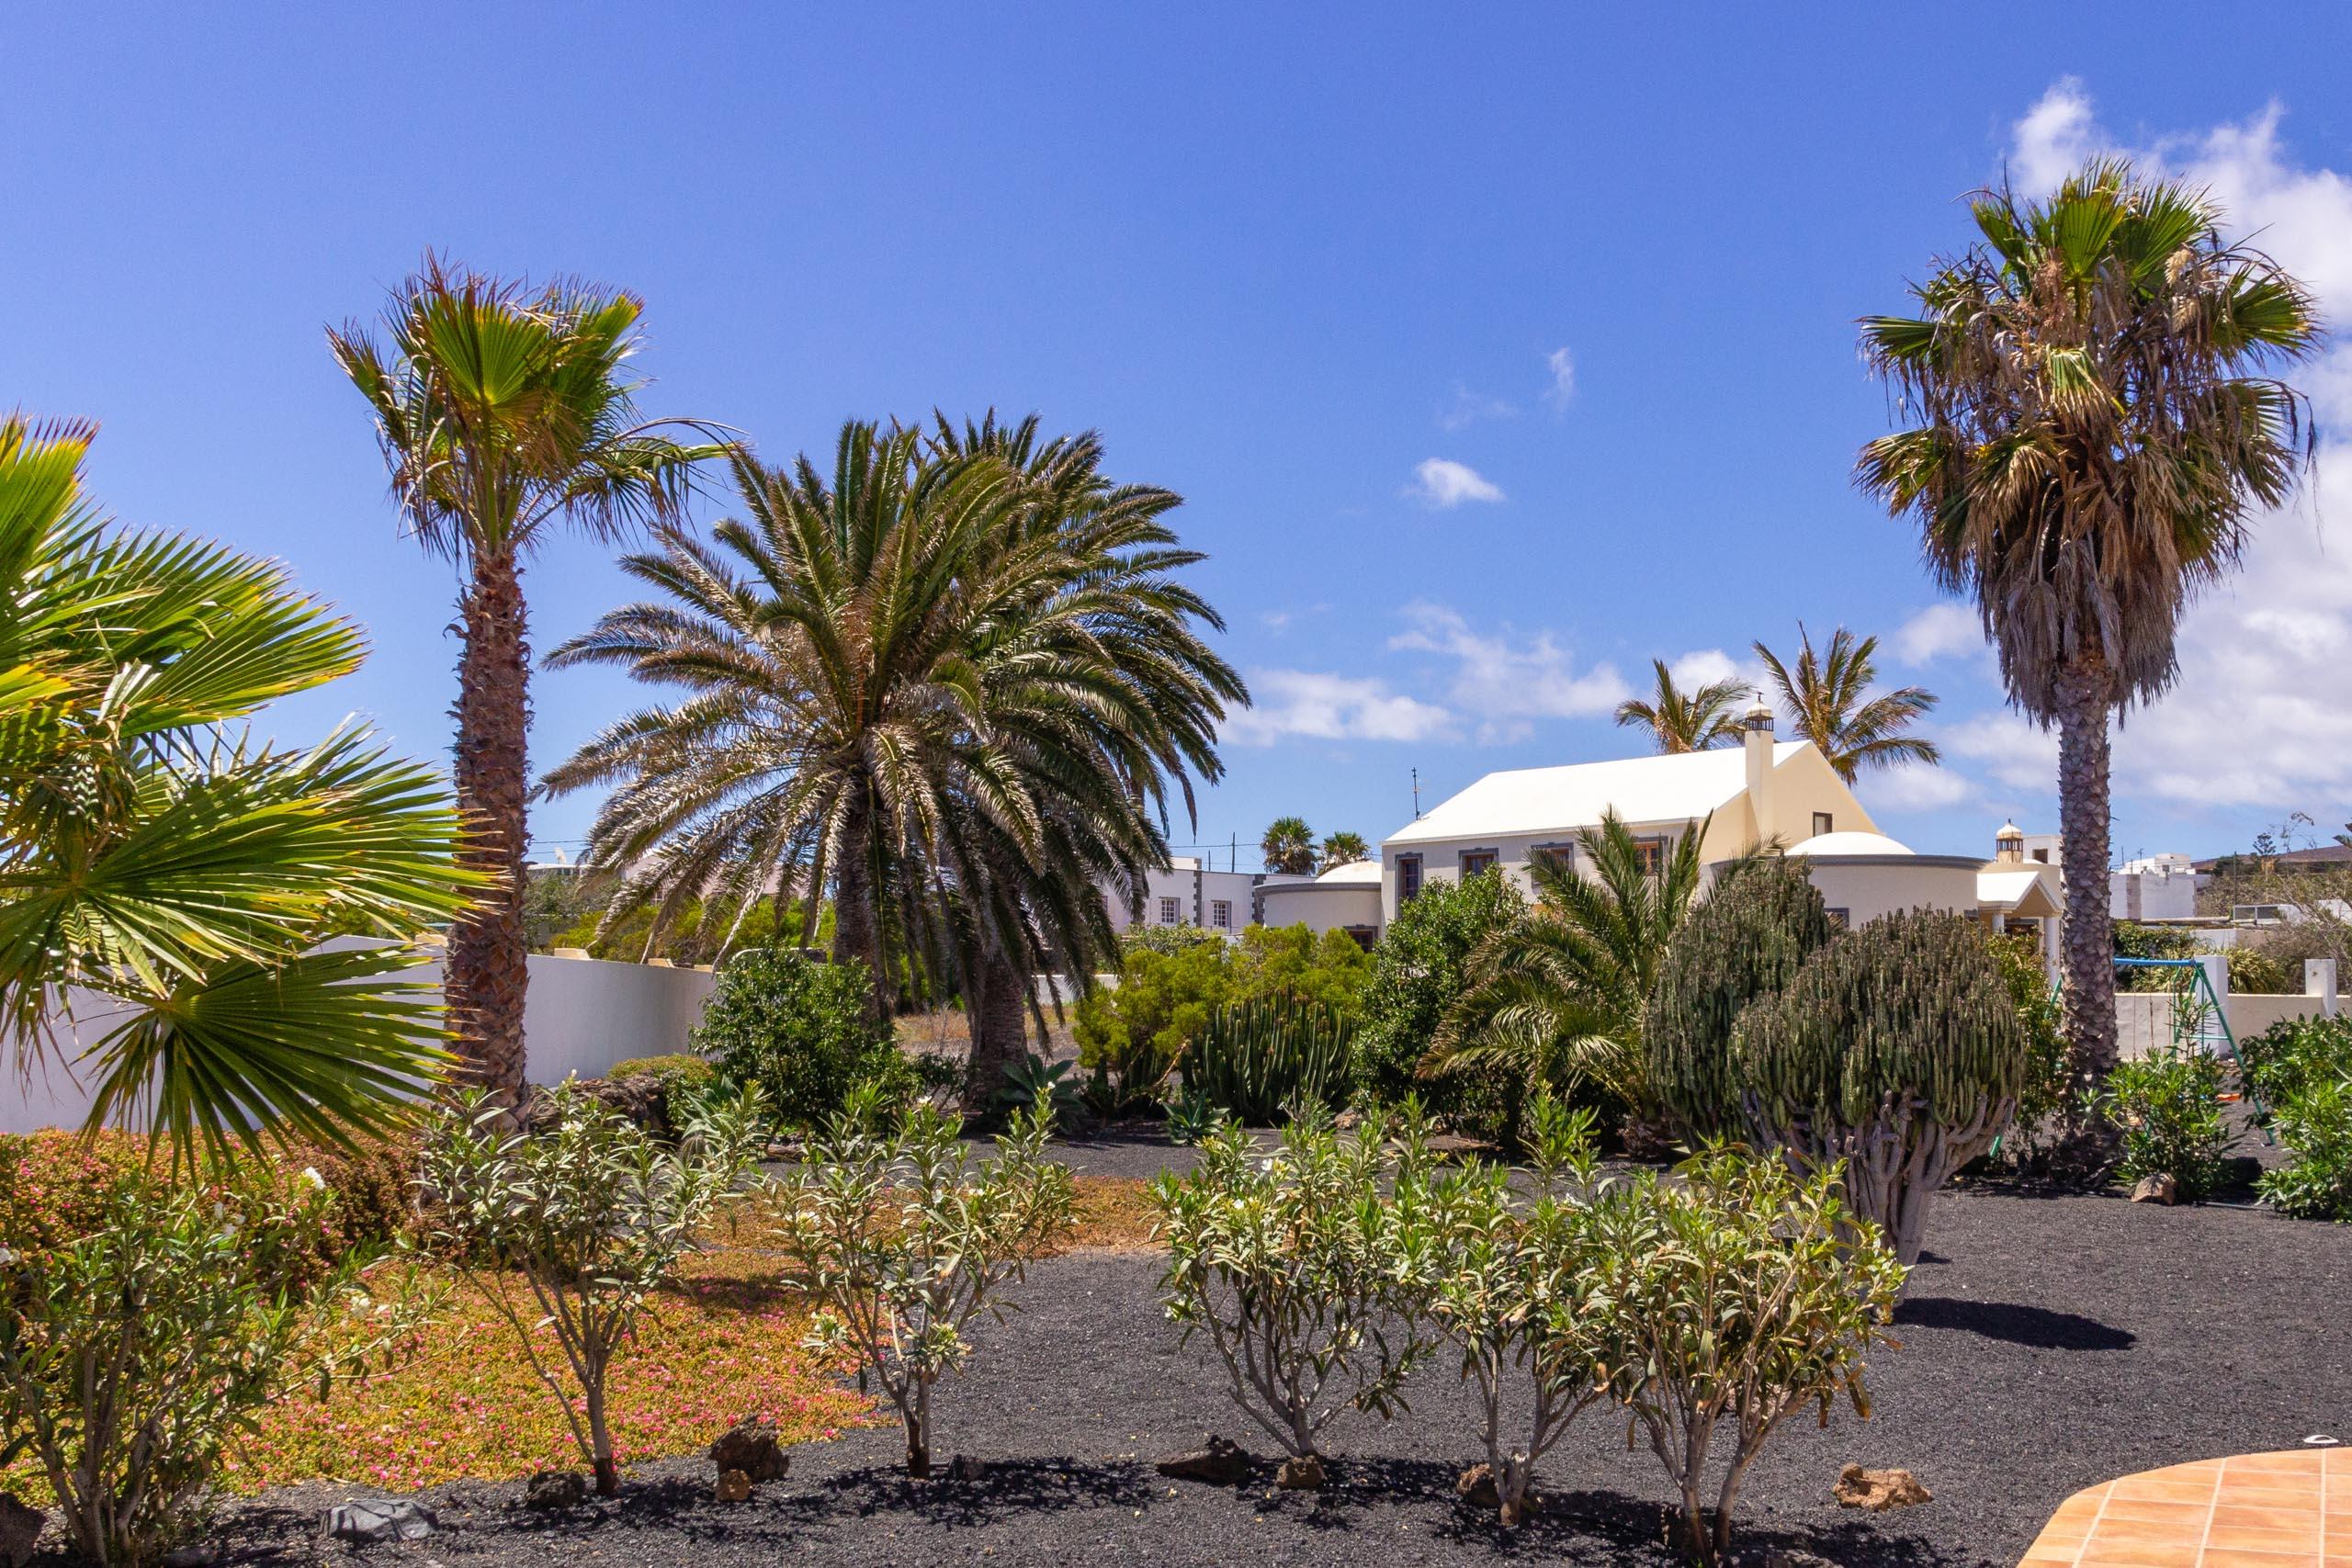 2014 06 Lanzarote Garden 001